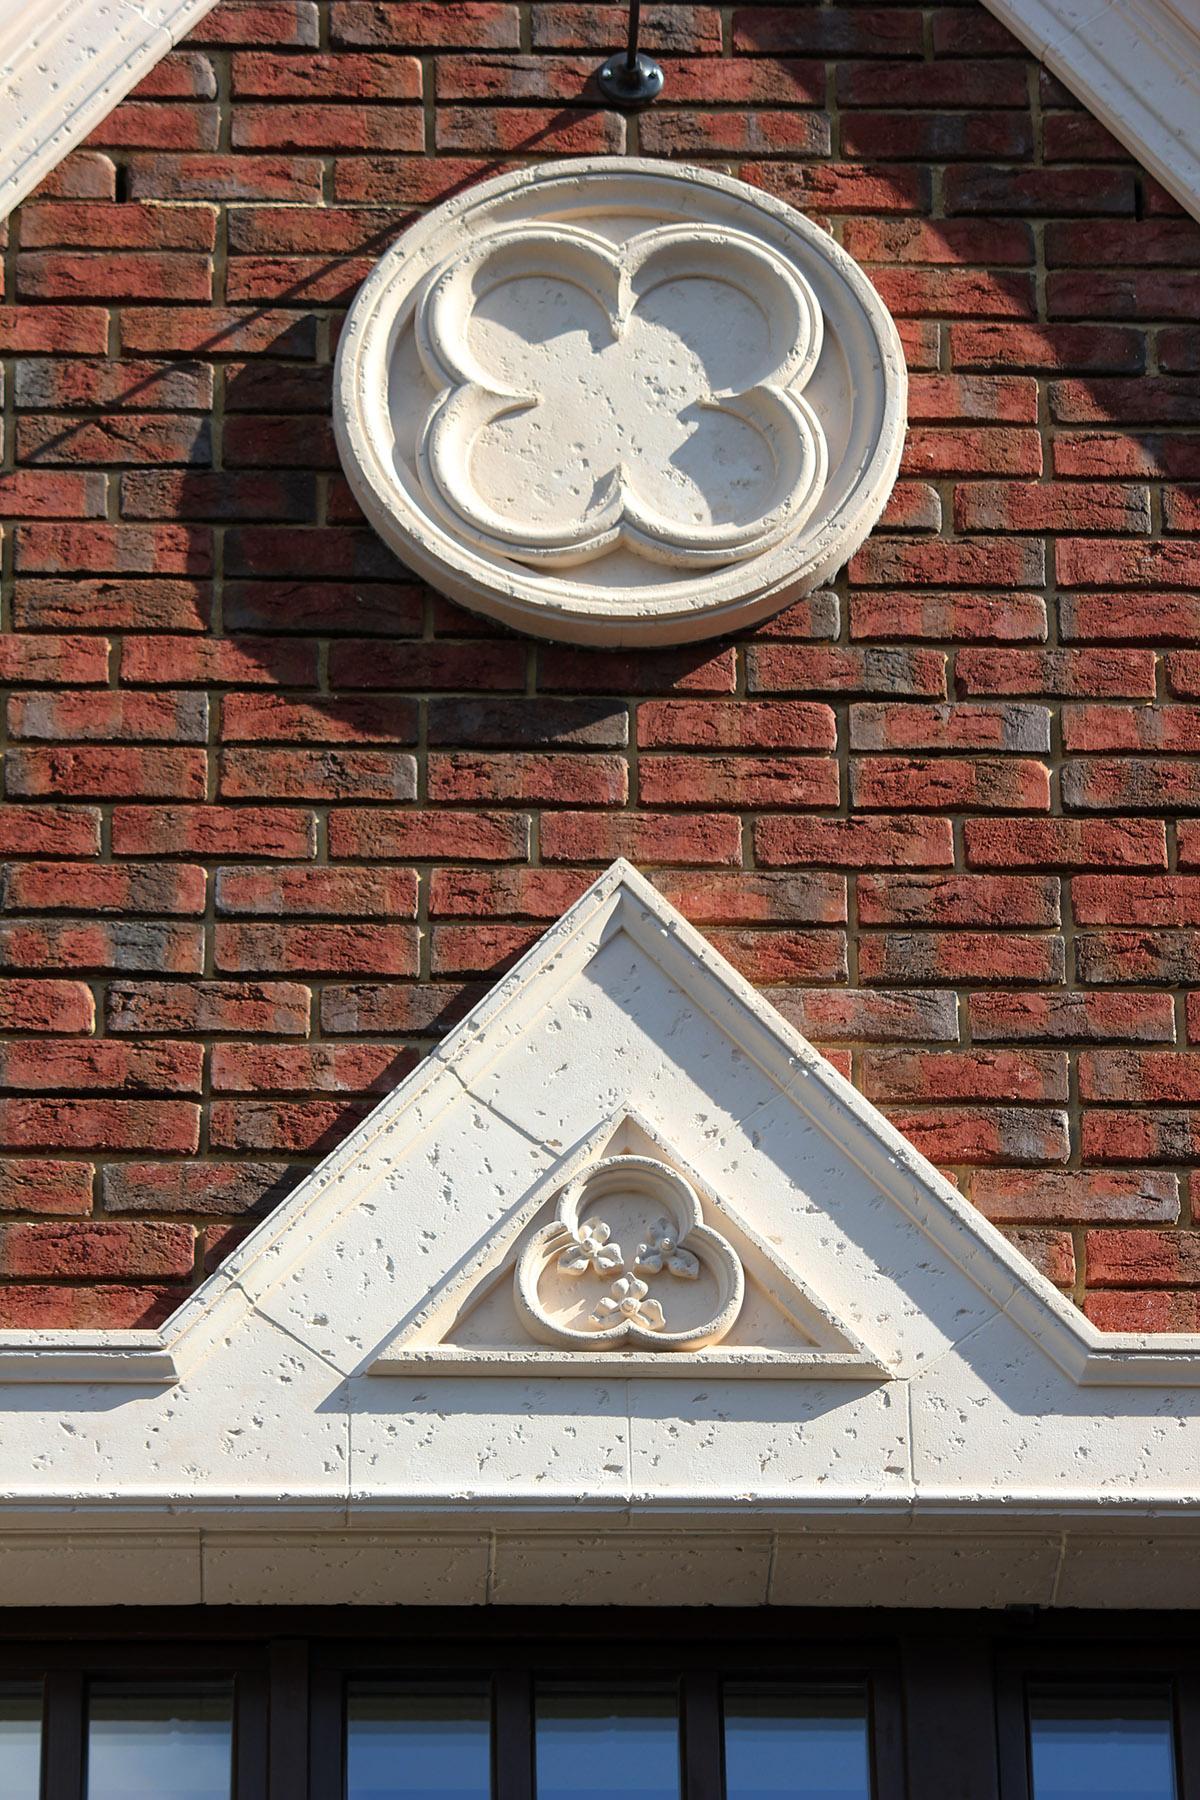 Архитектурный декор выполнен из Арх бетона. Архитектор проекта Елена Афти. Изготовлено и смонтировано мастерской Елены Афти.